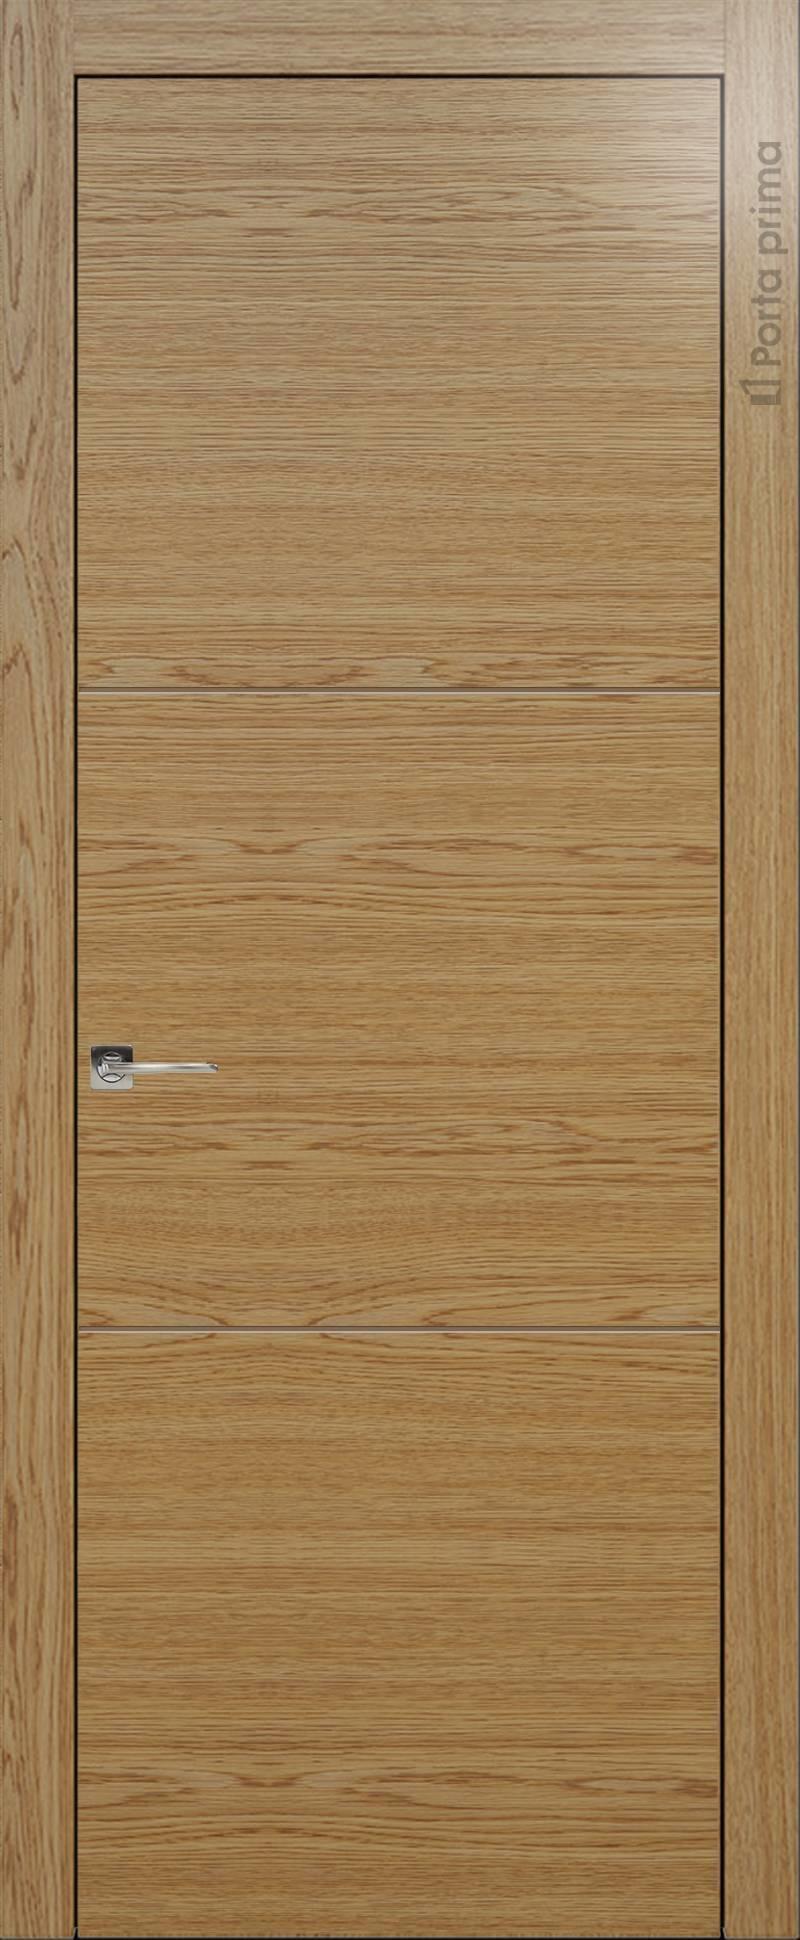 Tivoli В-2 цвет - Дуб карамель Без стекла (ДГ)